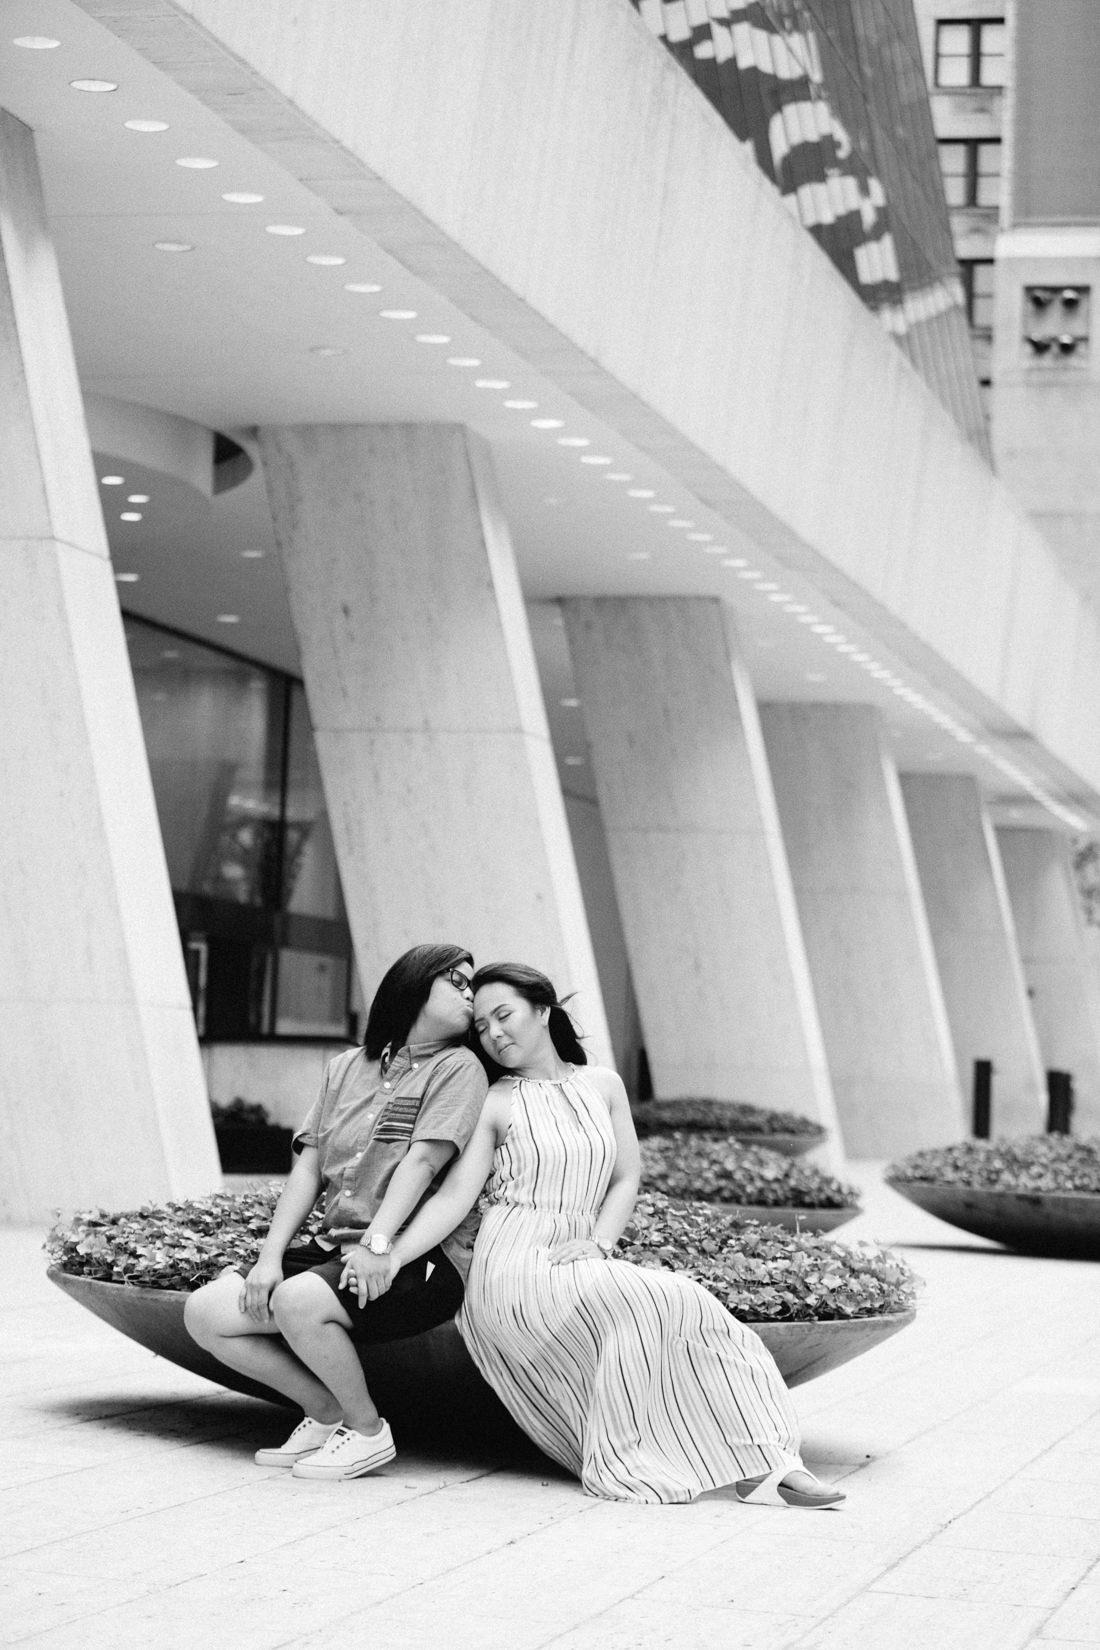 NYC-engagement-photography-by-Tanya-Isaeva-58.jpg